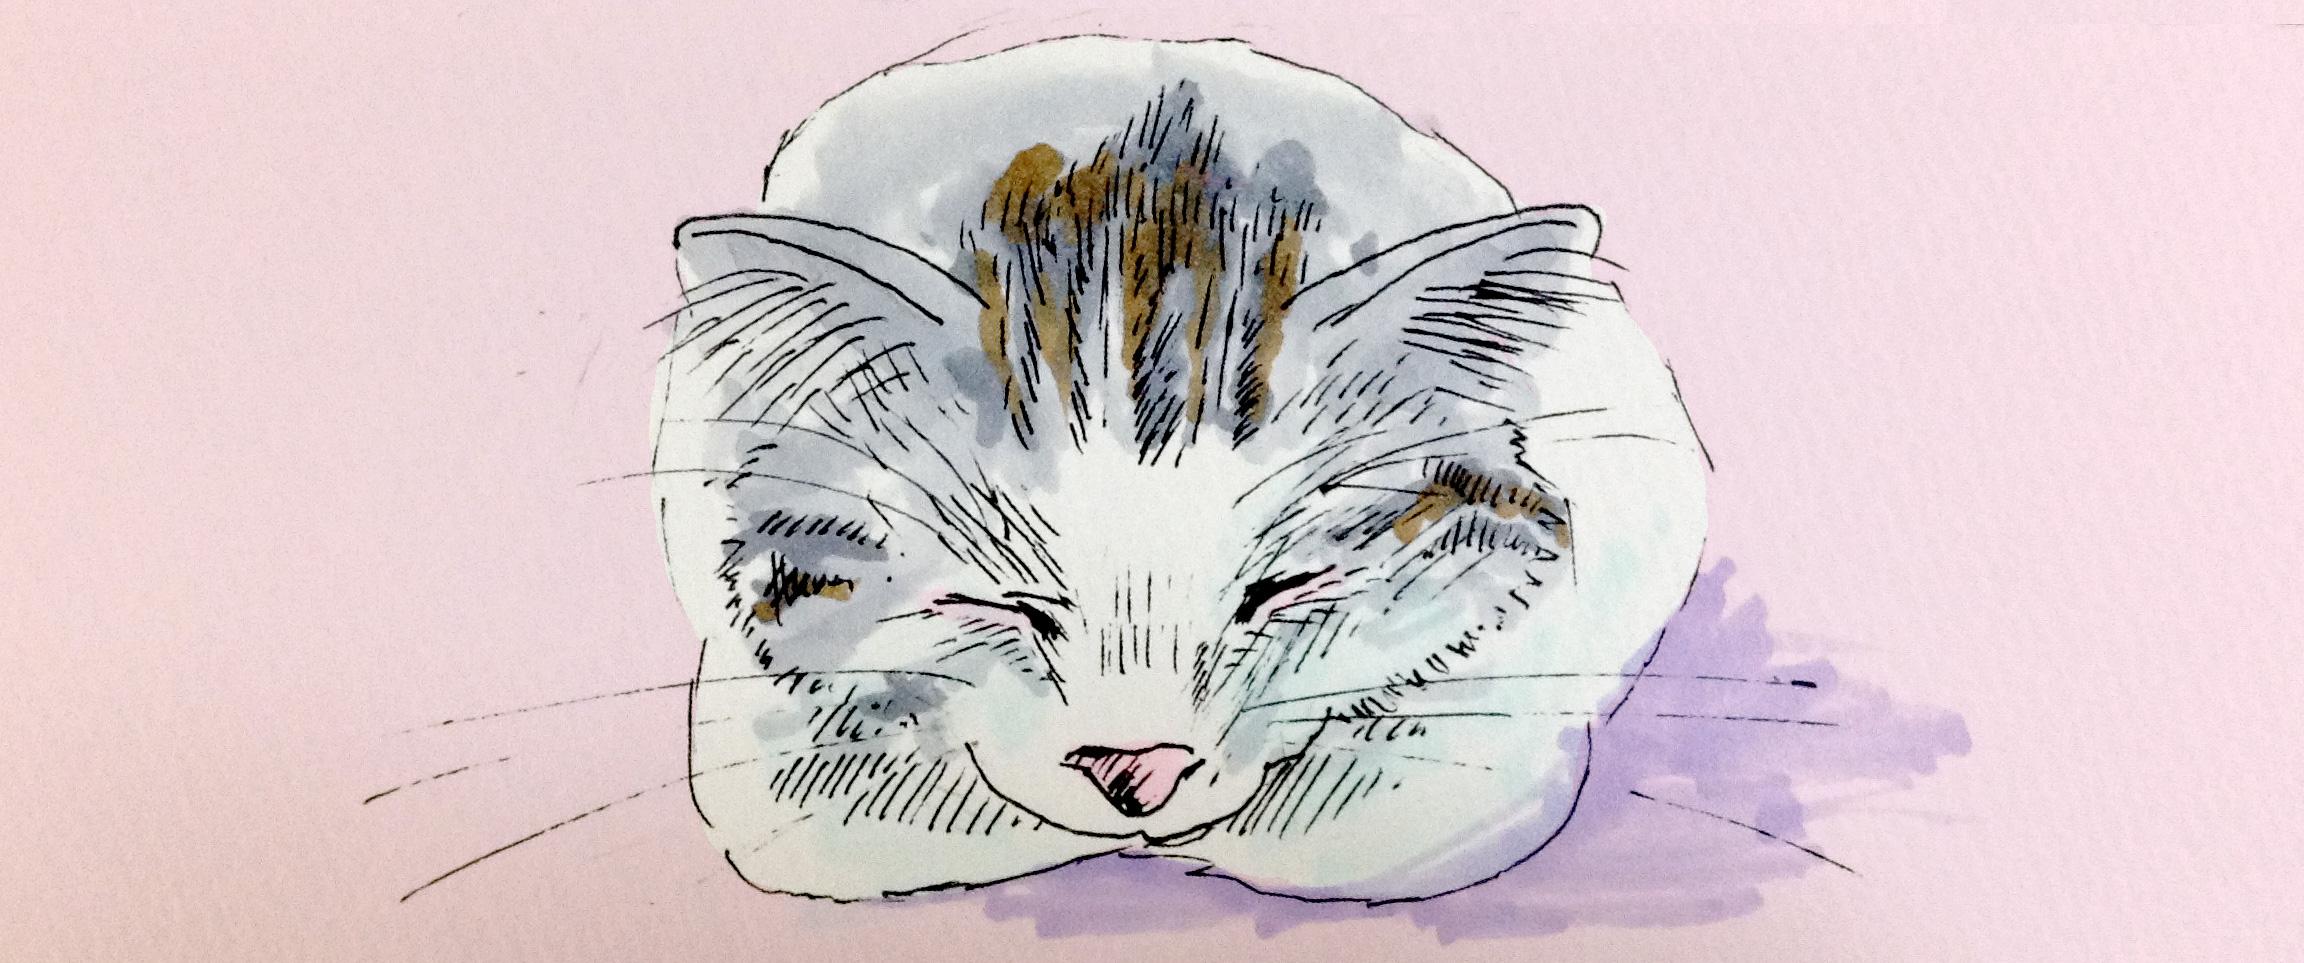 飼猫を通して知った命から人の生命倫理について考えるイメージをコピックで描いたイラスト